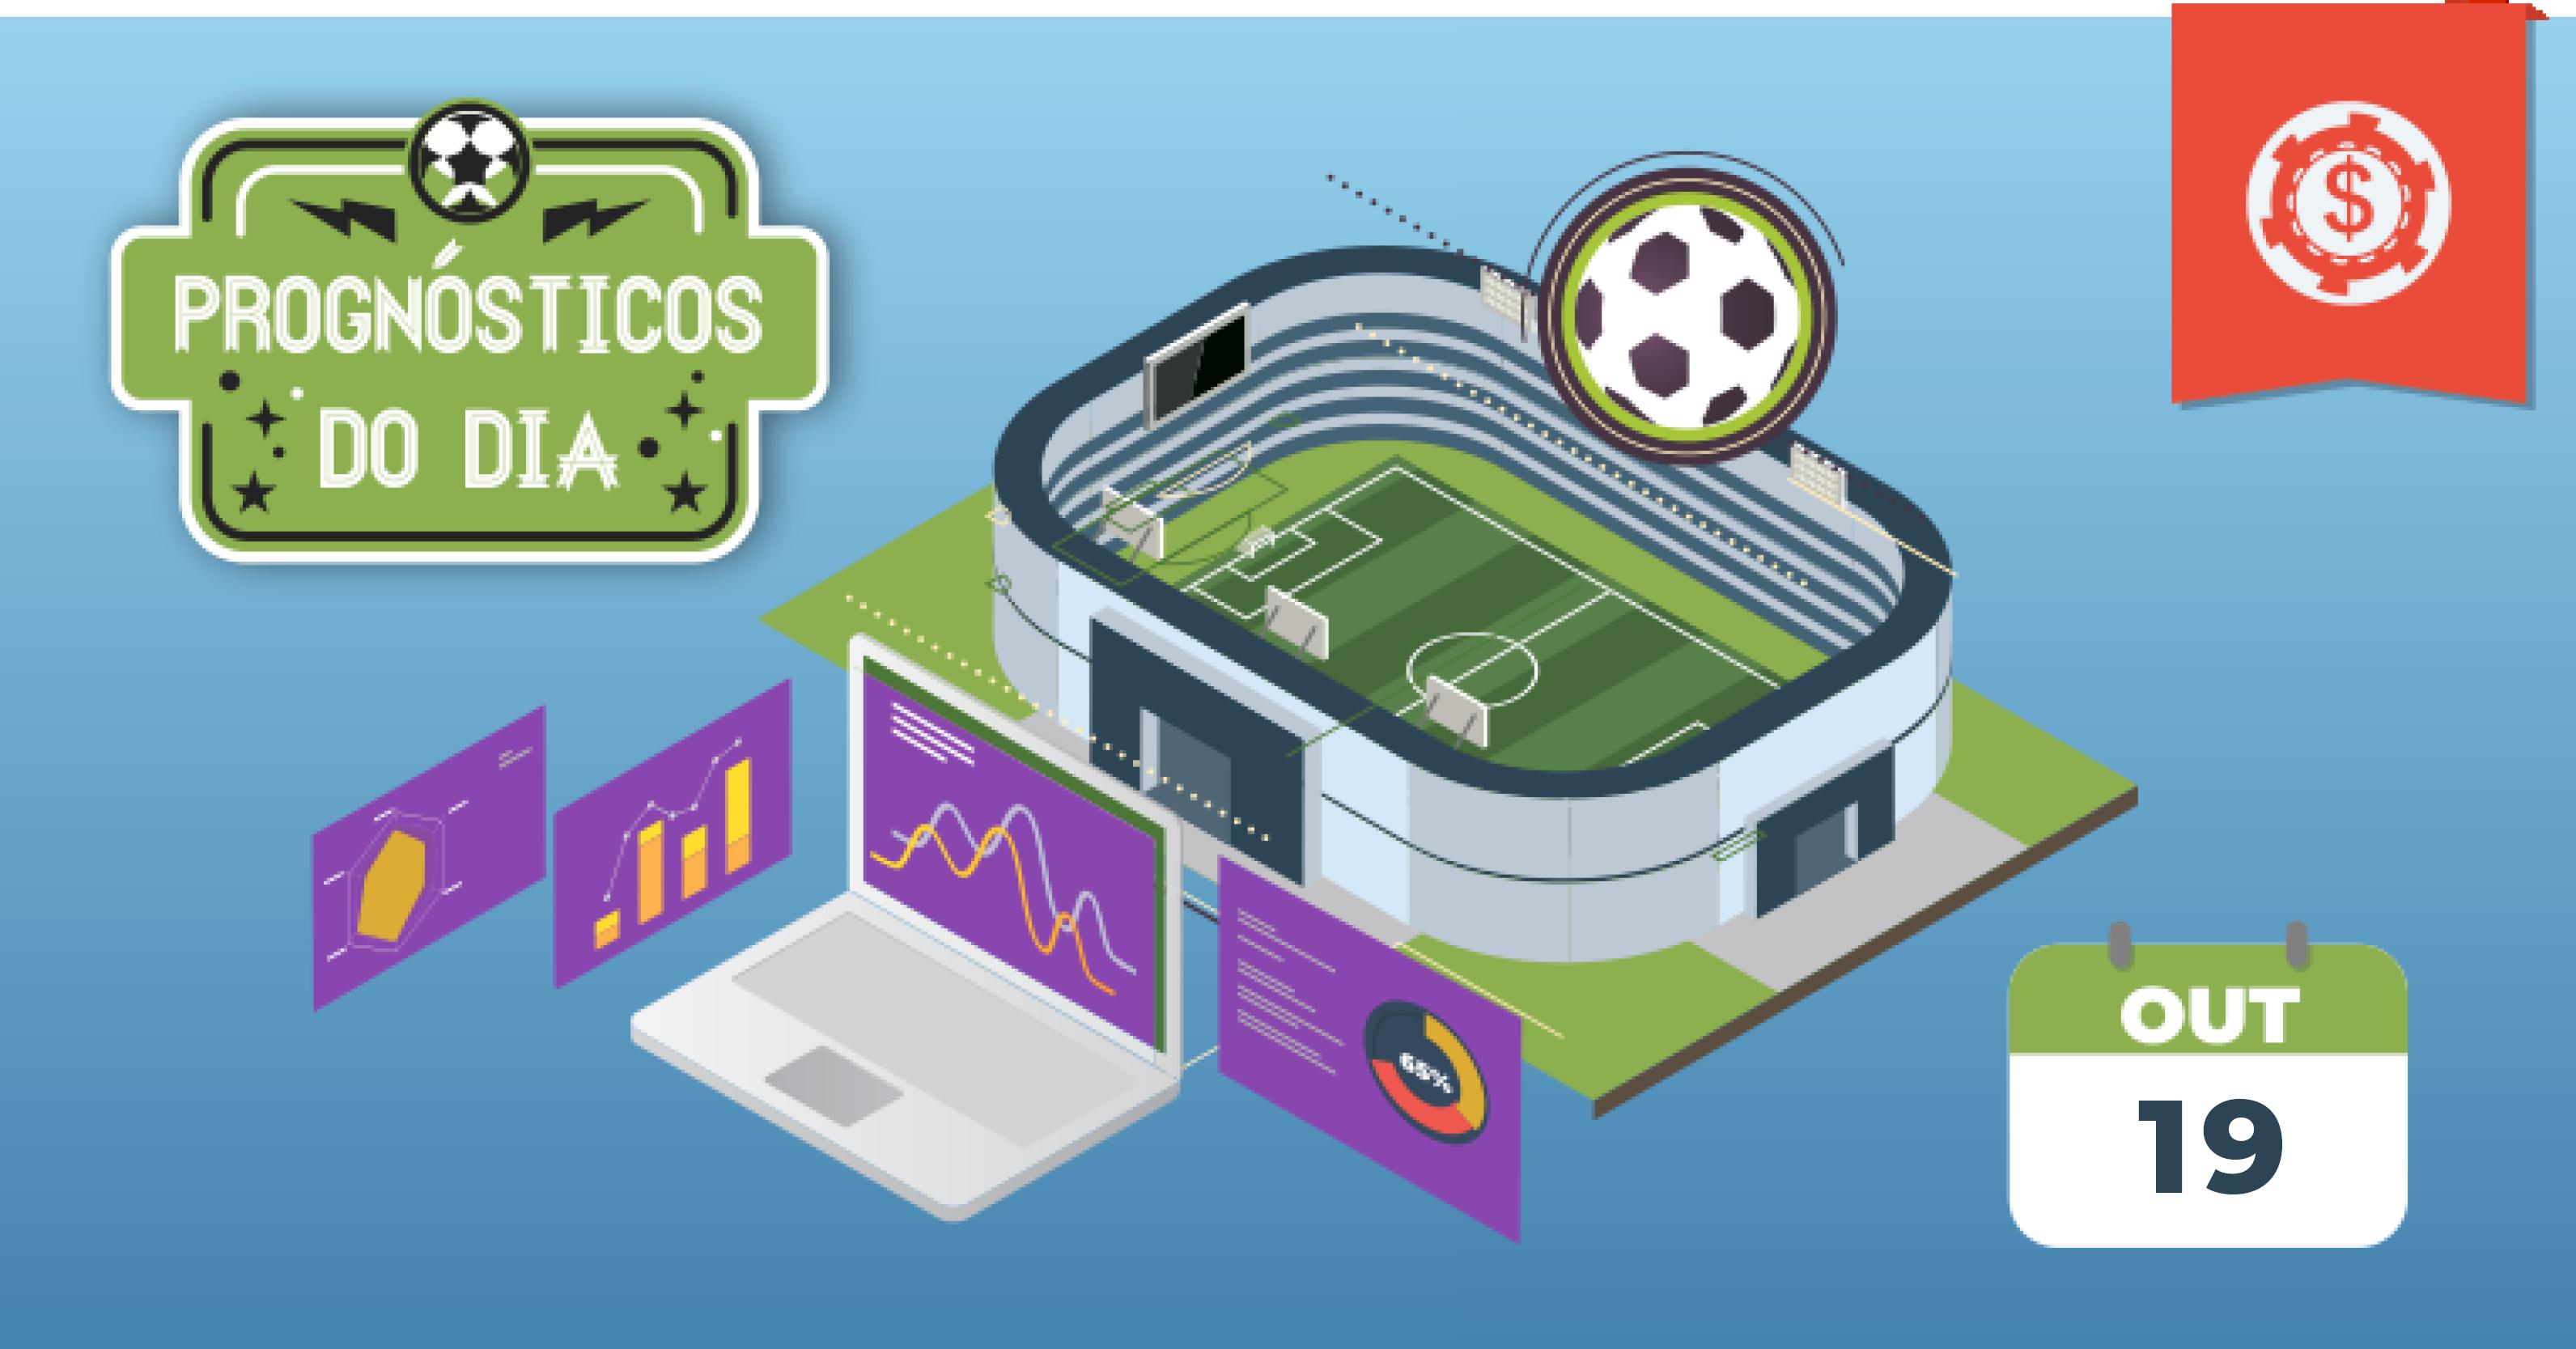 palpites-futebol-hoje-prognosticos-19-outubro-2019